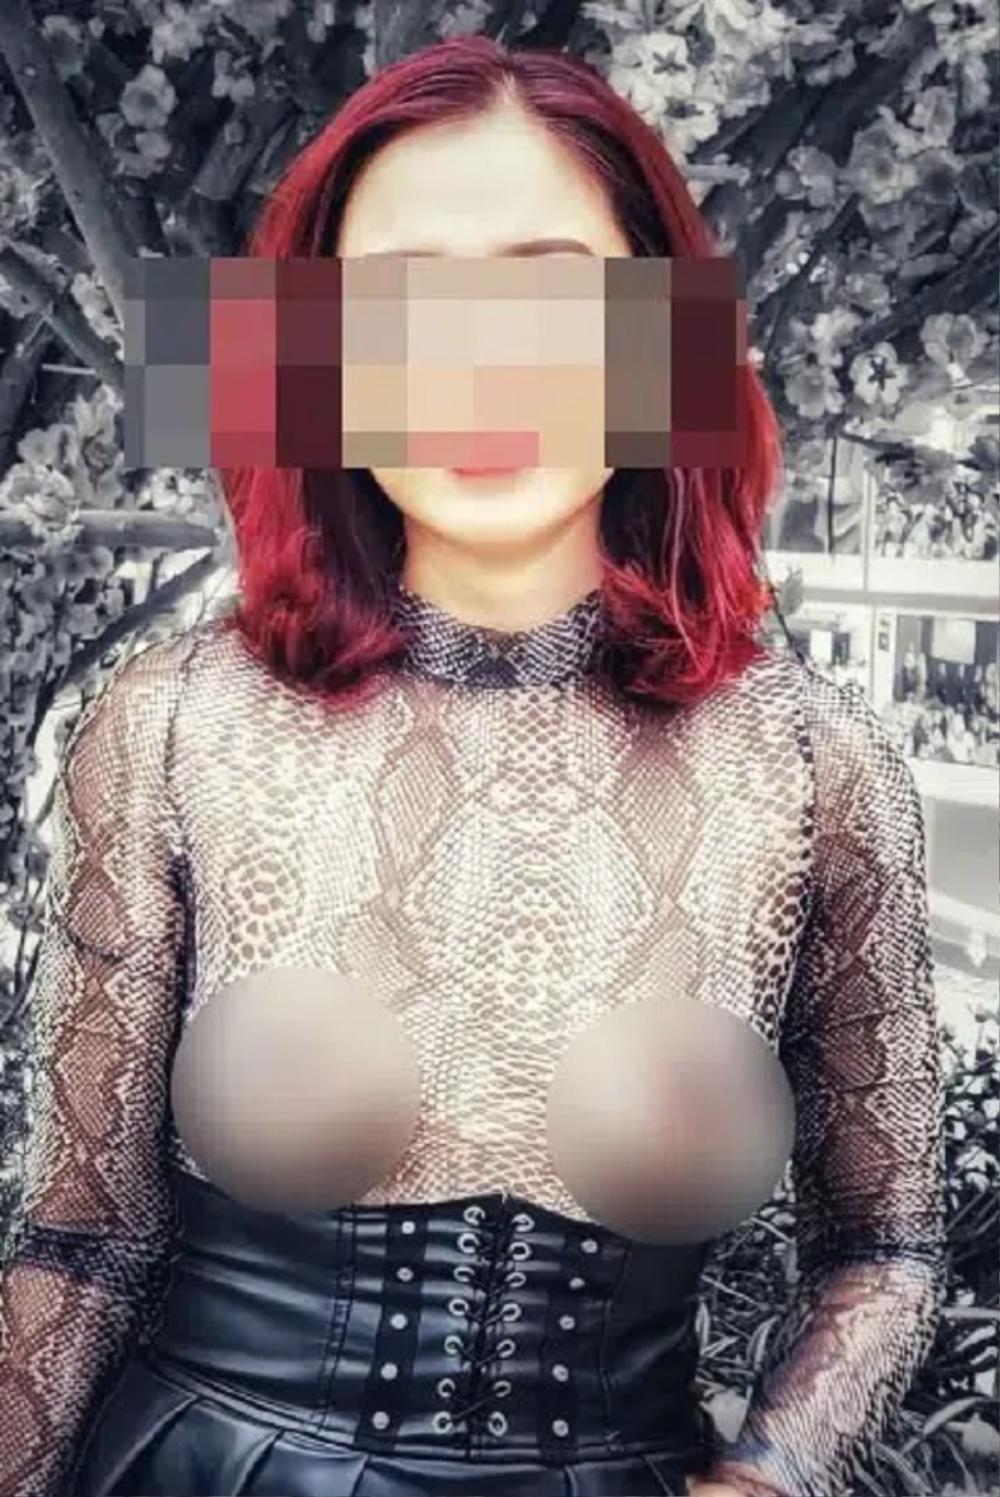 Người phụ nữ thả rông ngực ở Sài Gòn: 'Tôi cho rằng ngực là bộ phận đáng được thể hiện ở nơi công cộng' Ảnh 5